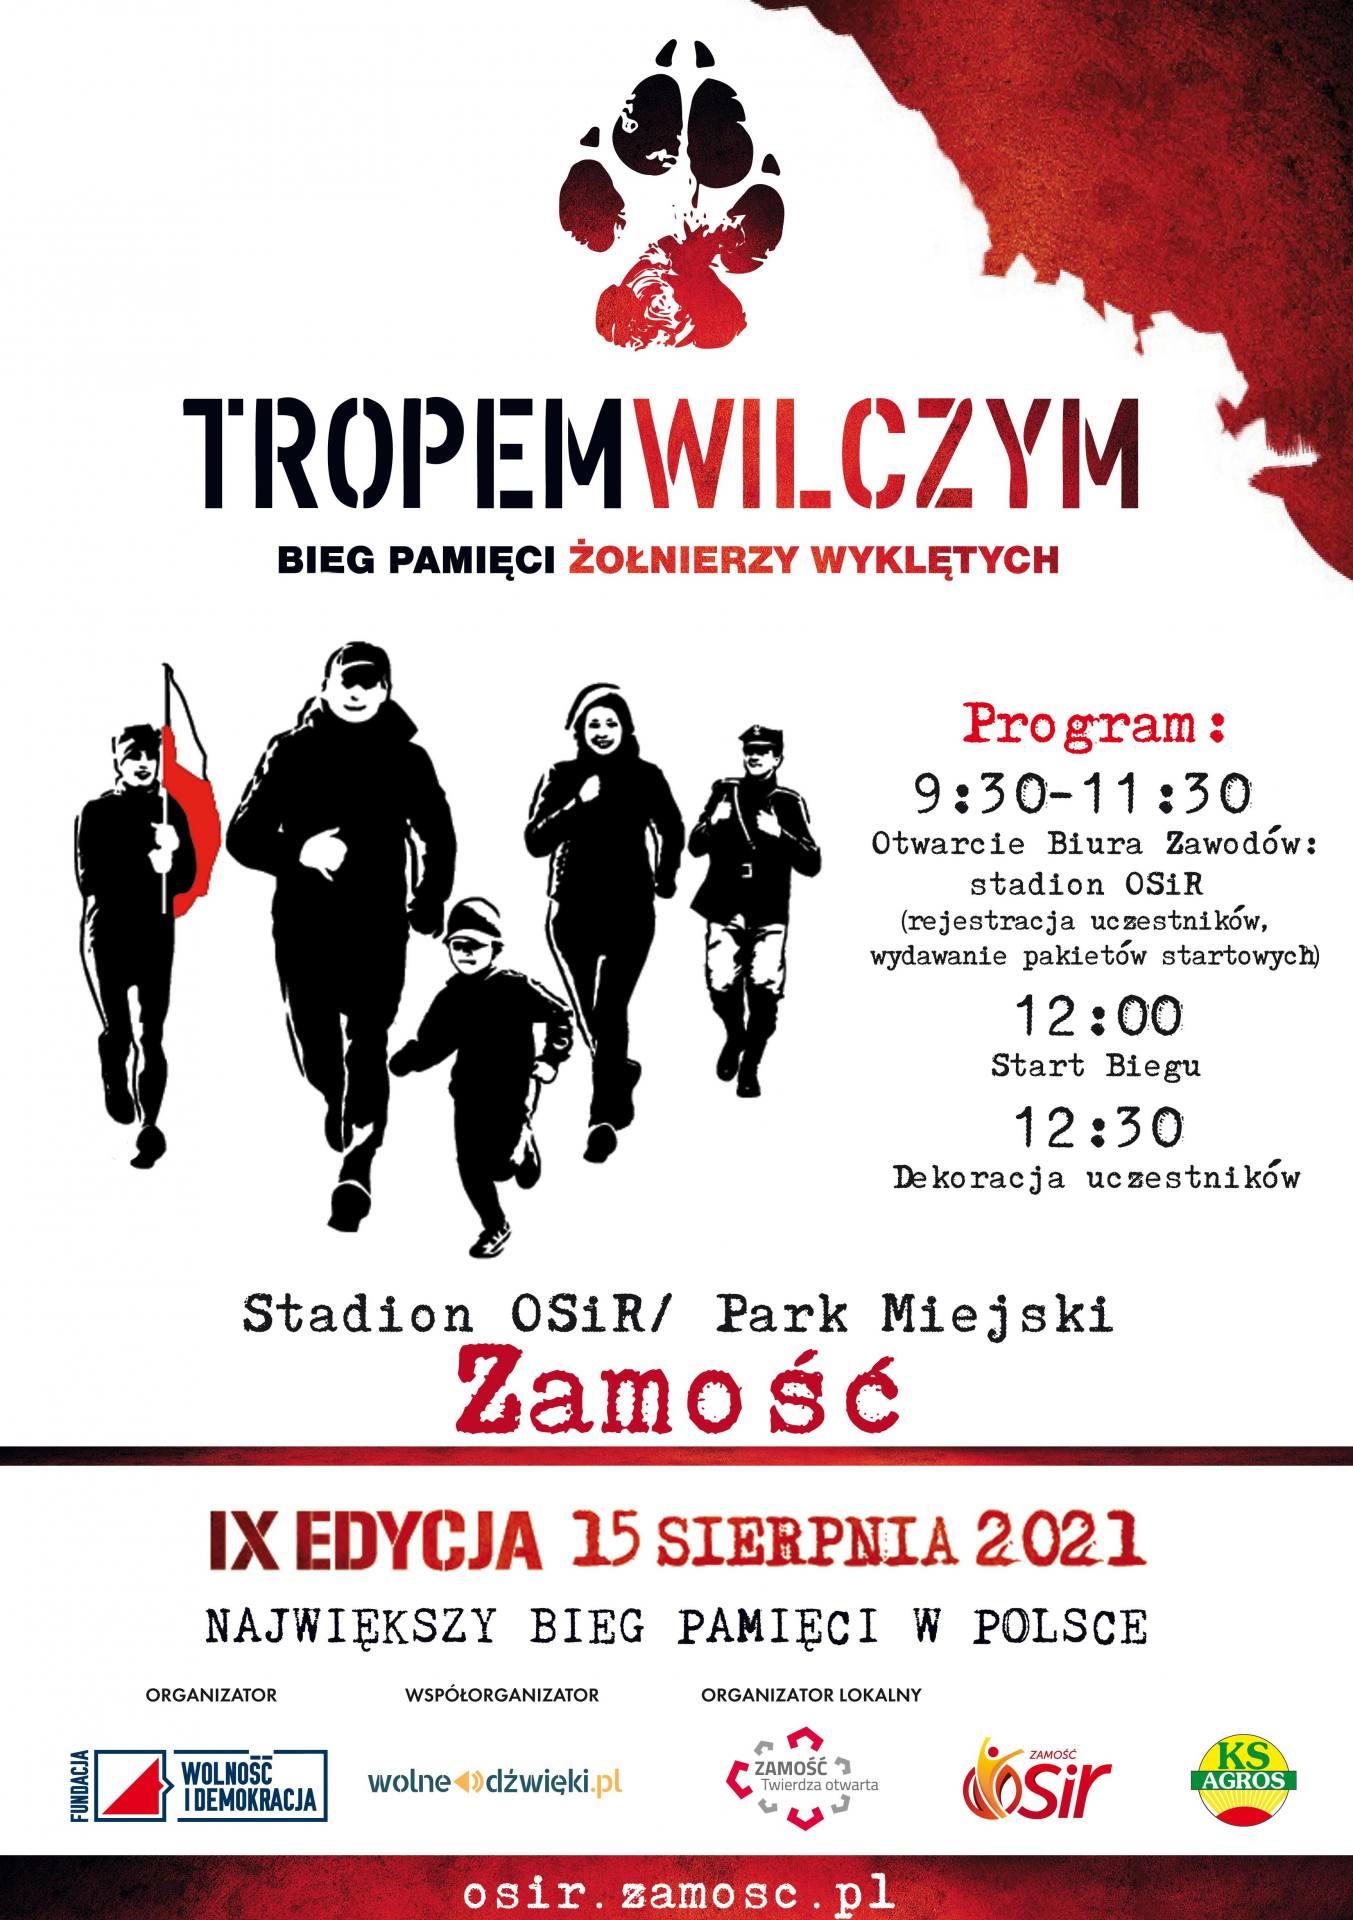 """plakat tropem wilczym 2021 ZAMOŚĆ: Ruszyły zapisy na Bieg """"Tropem Wilczym"""" ku czci Żołnierzy Wyklętych."""